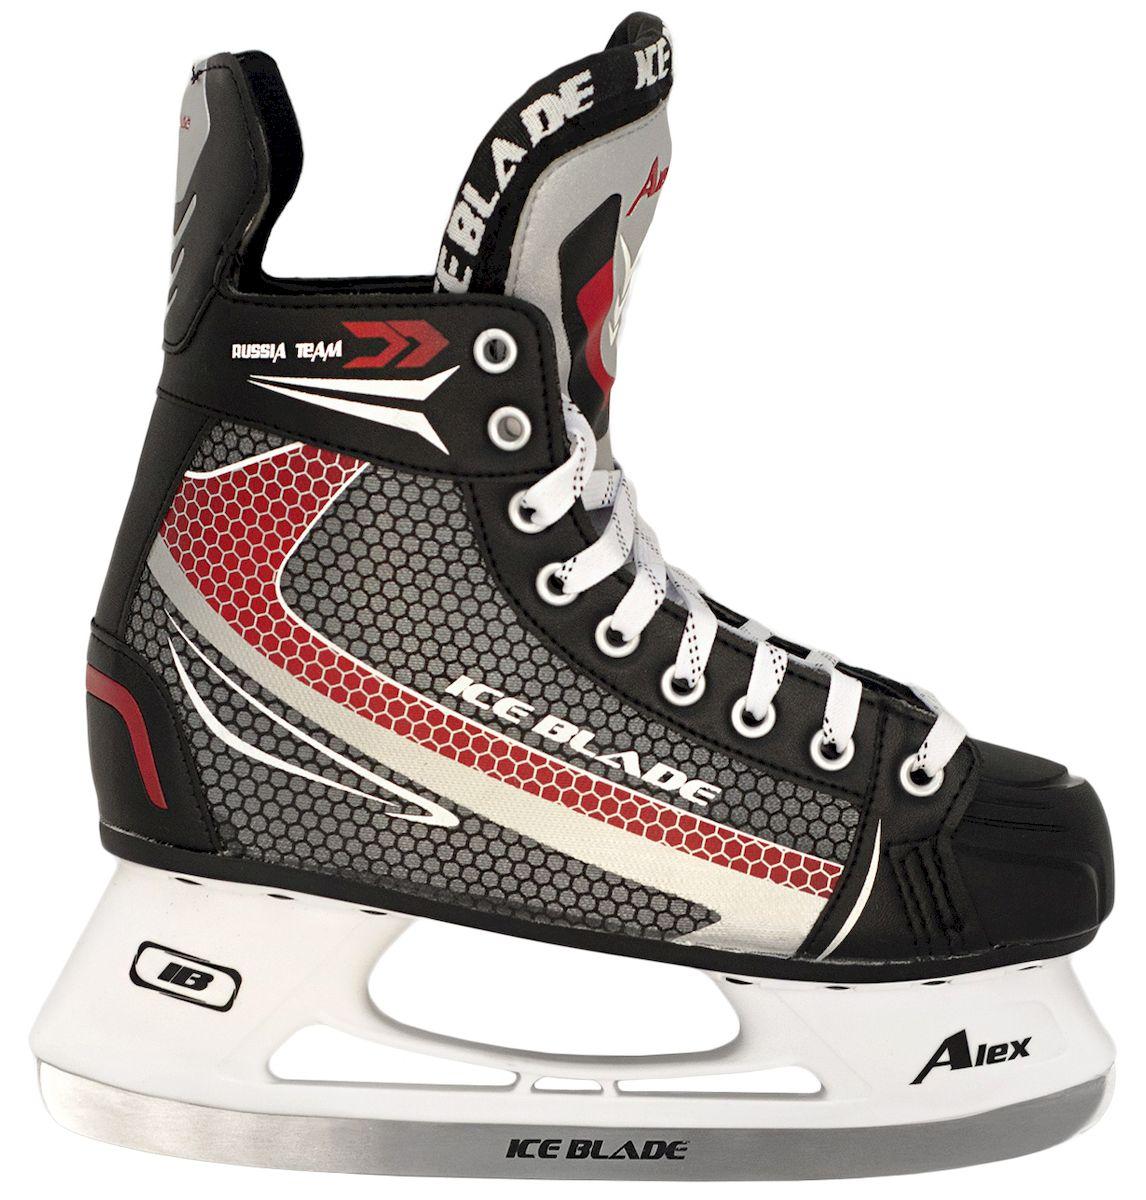 Коньки хоккейные Ice Blade Alex New, цвет: черный, красный, серый. УТ-00006868. Размер 37